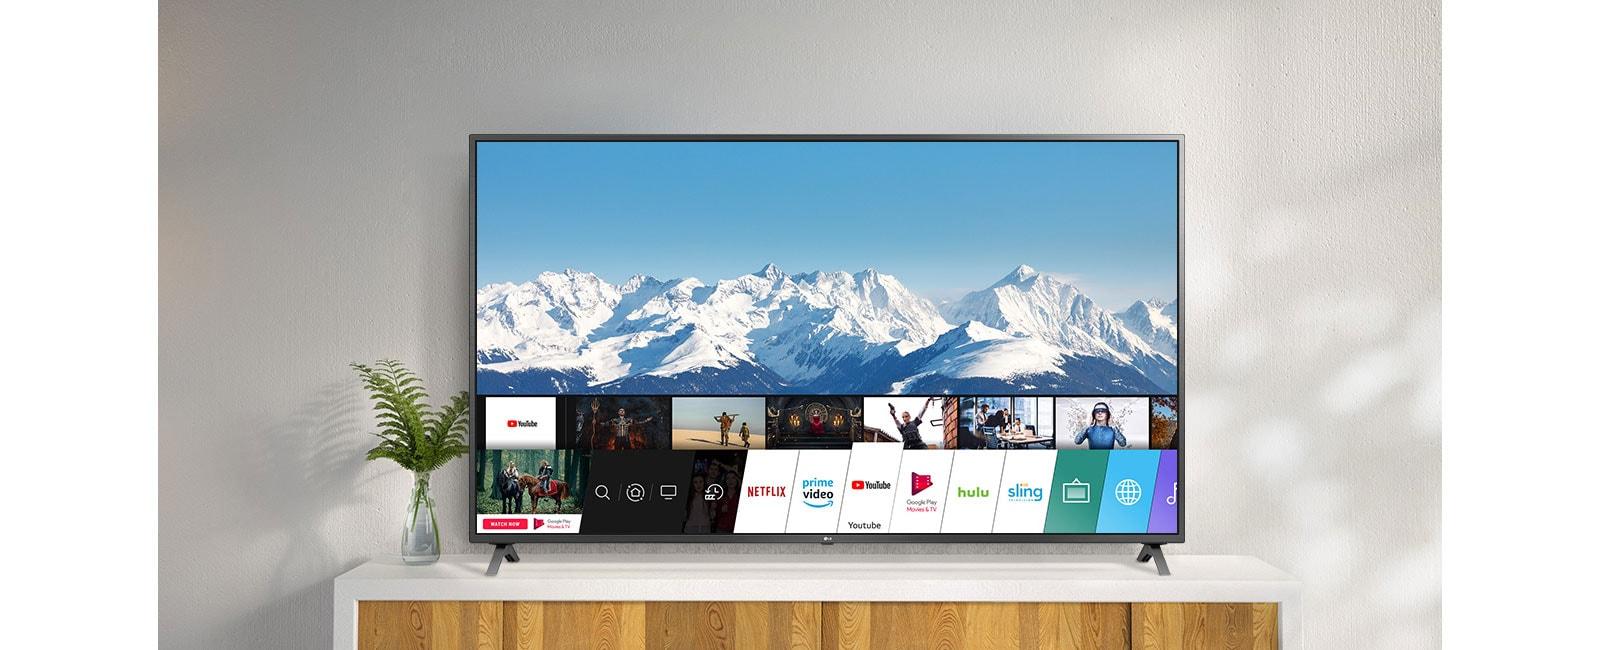 Телевизор, поставен на бяла стойка пред бяла стена. Телевизионен екран, показващ начален екран с webOS.